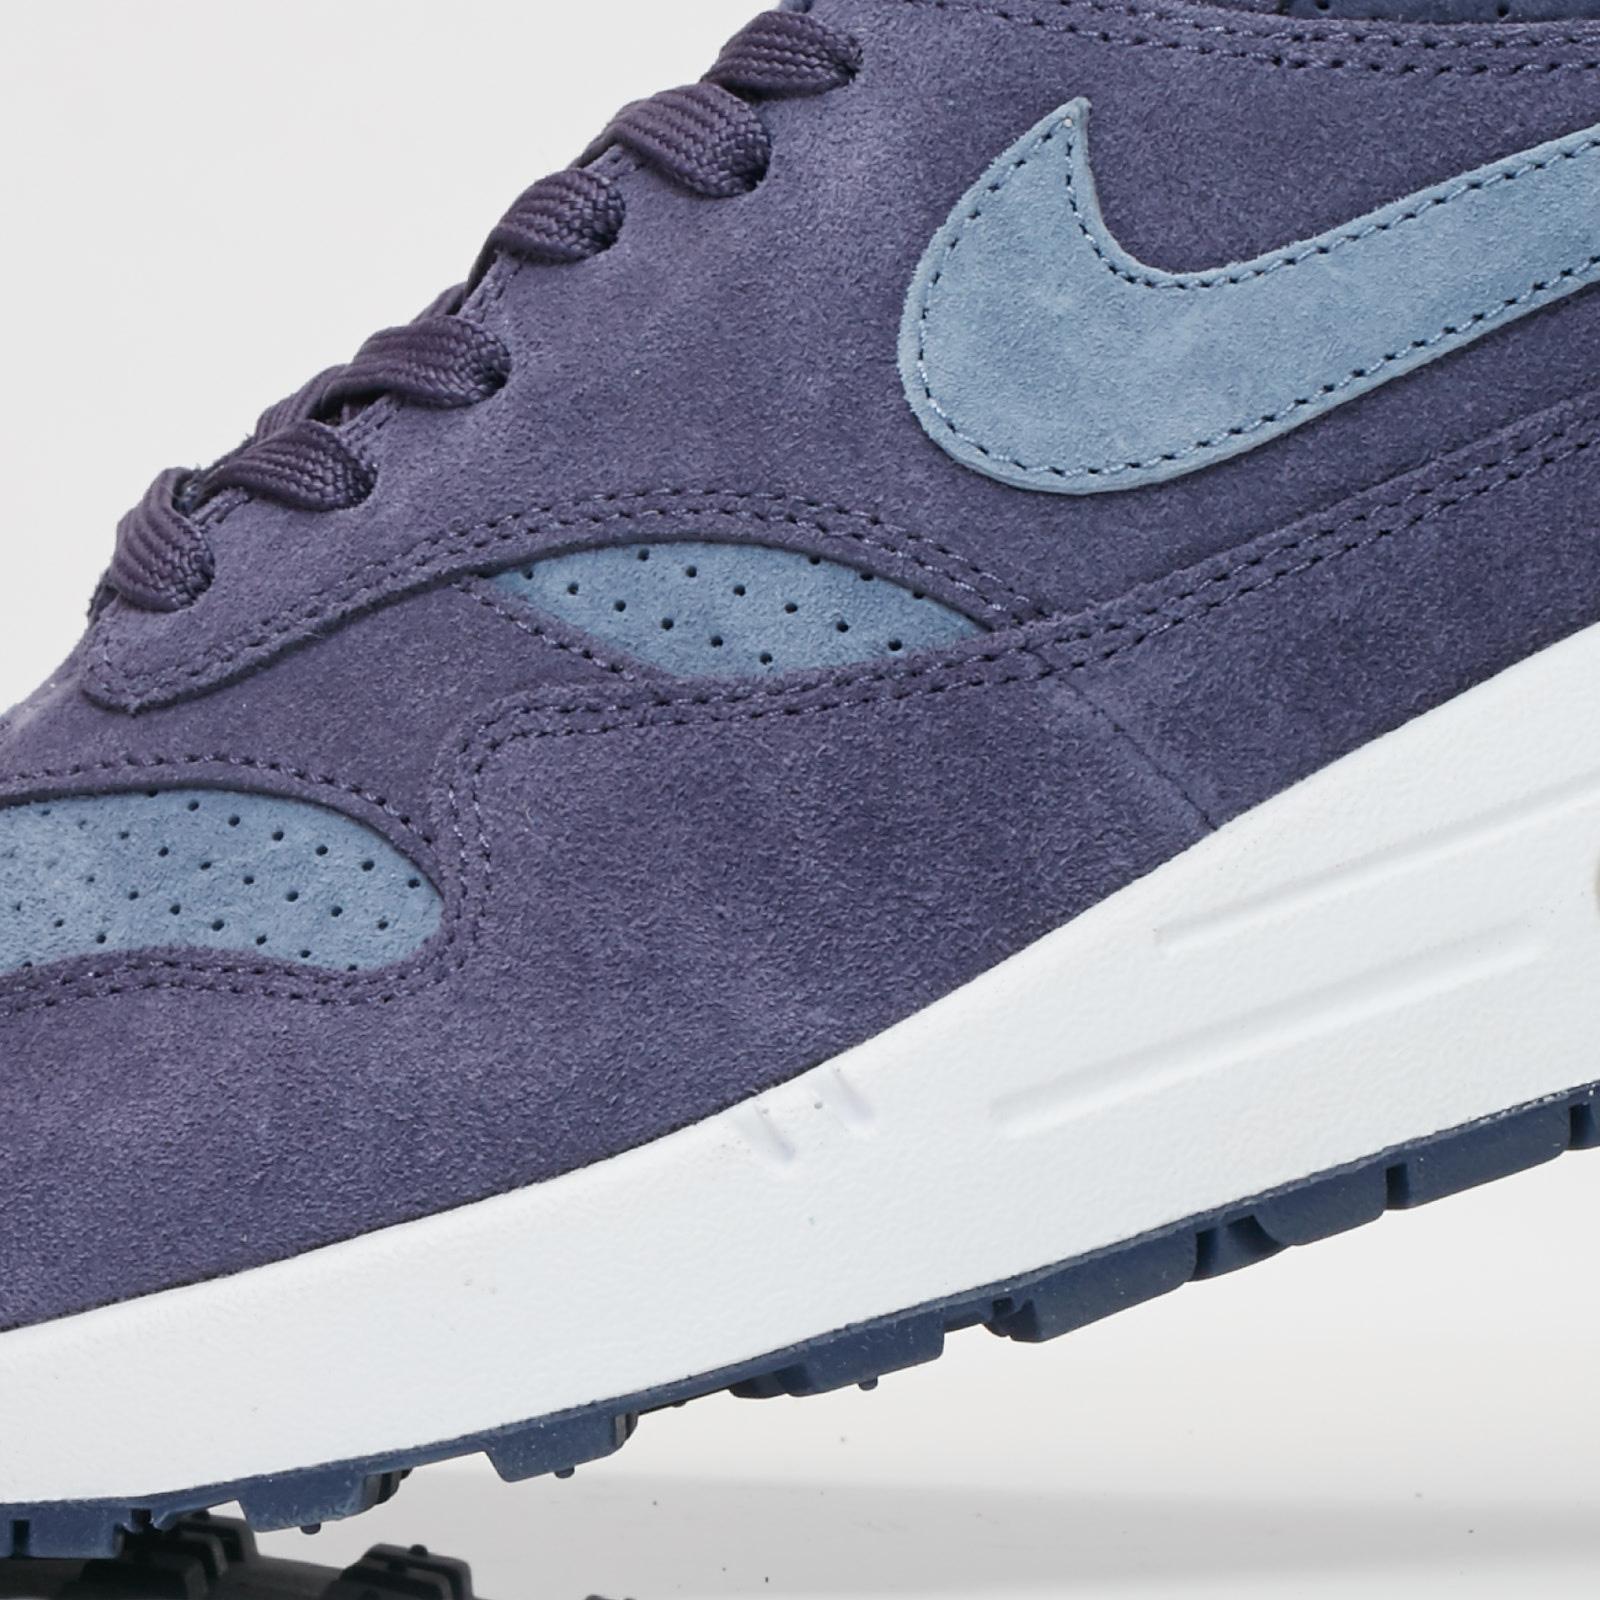 buy online 76e29 6d212 Nike Sportswear Air Max 1 Premium - 6. Close